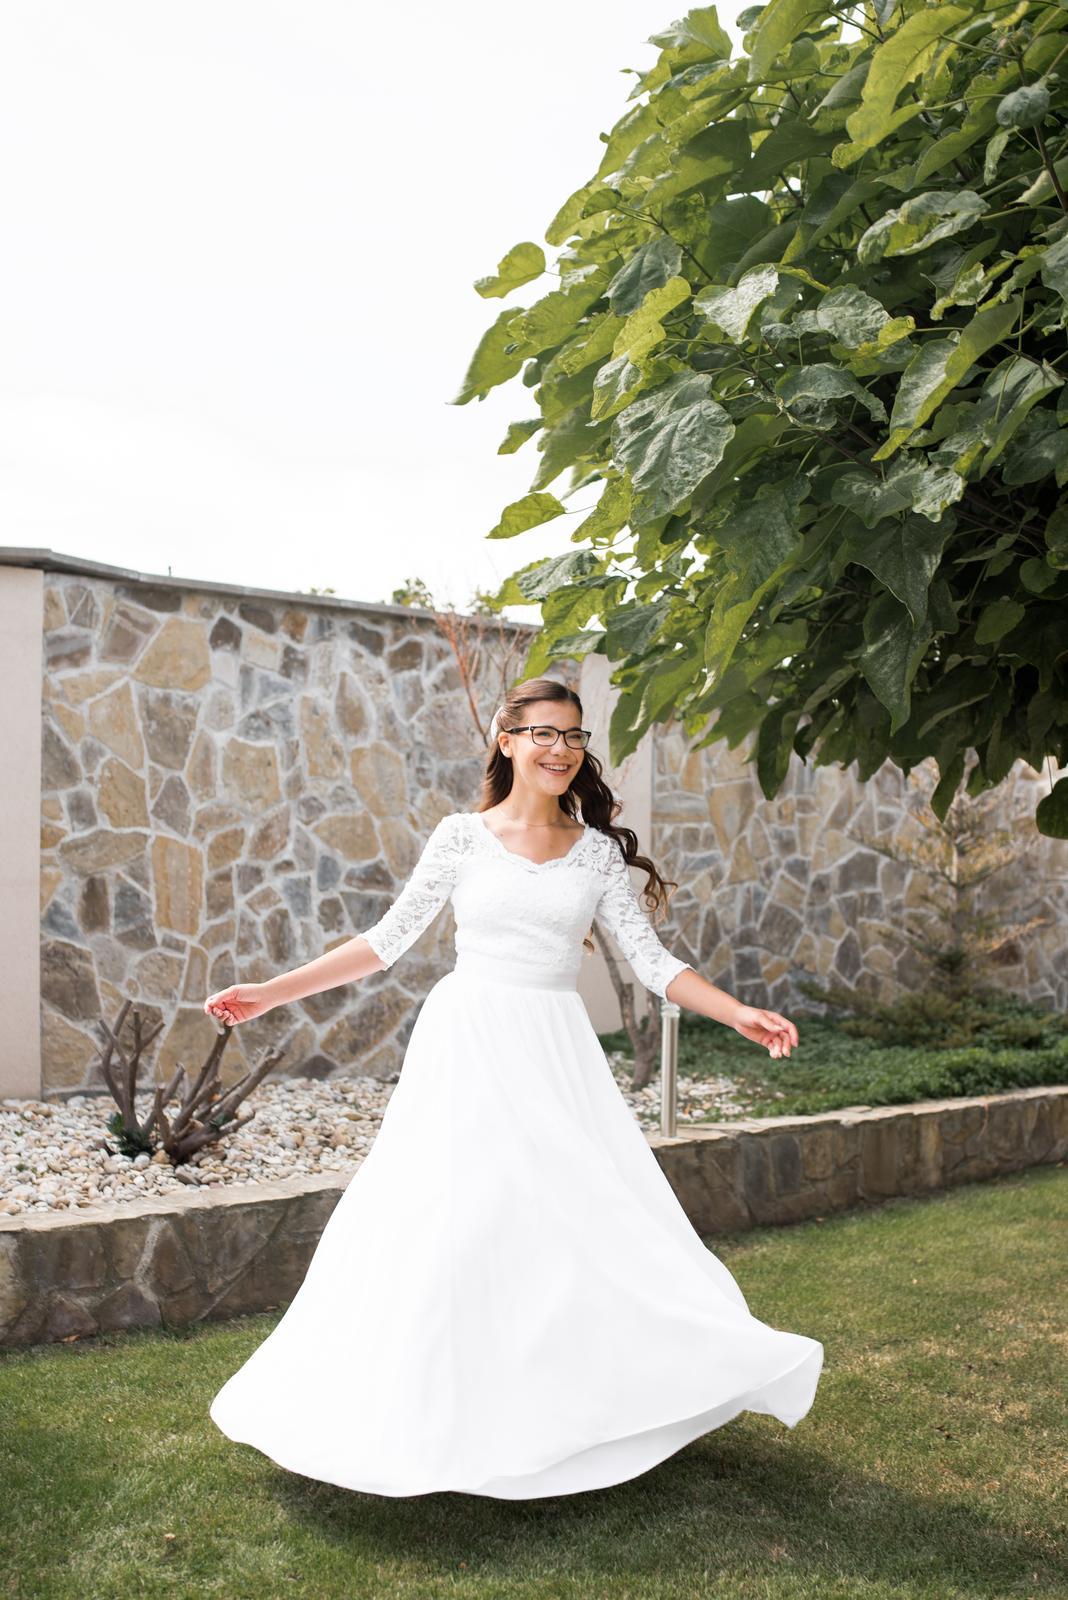 Snehovo-biele svadobné slow-fashion šaty s čipkou - Obrázok č. 1